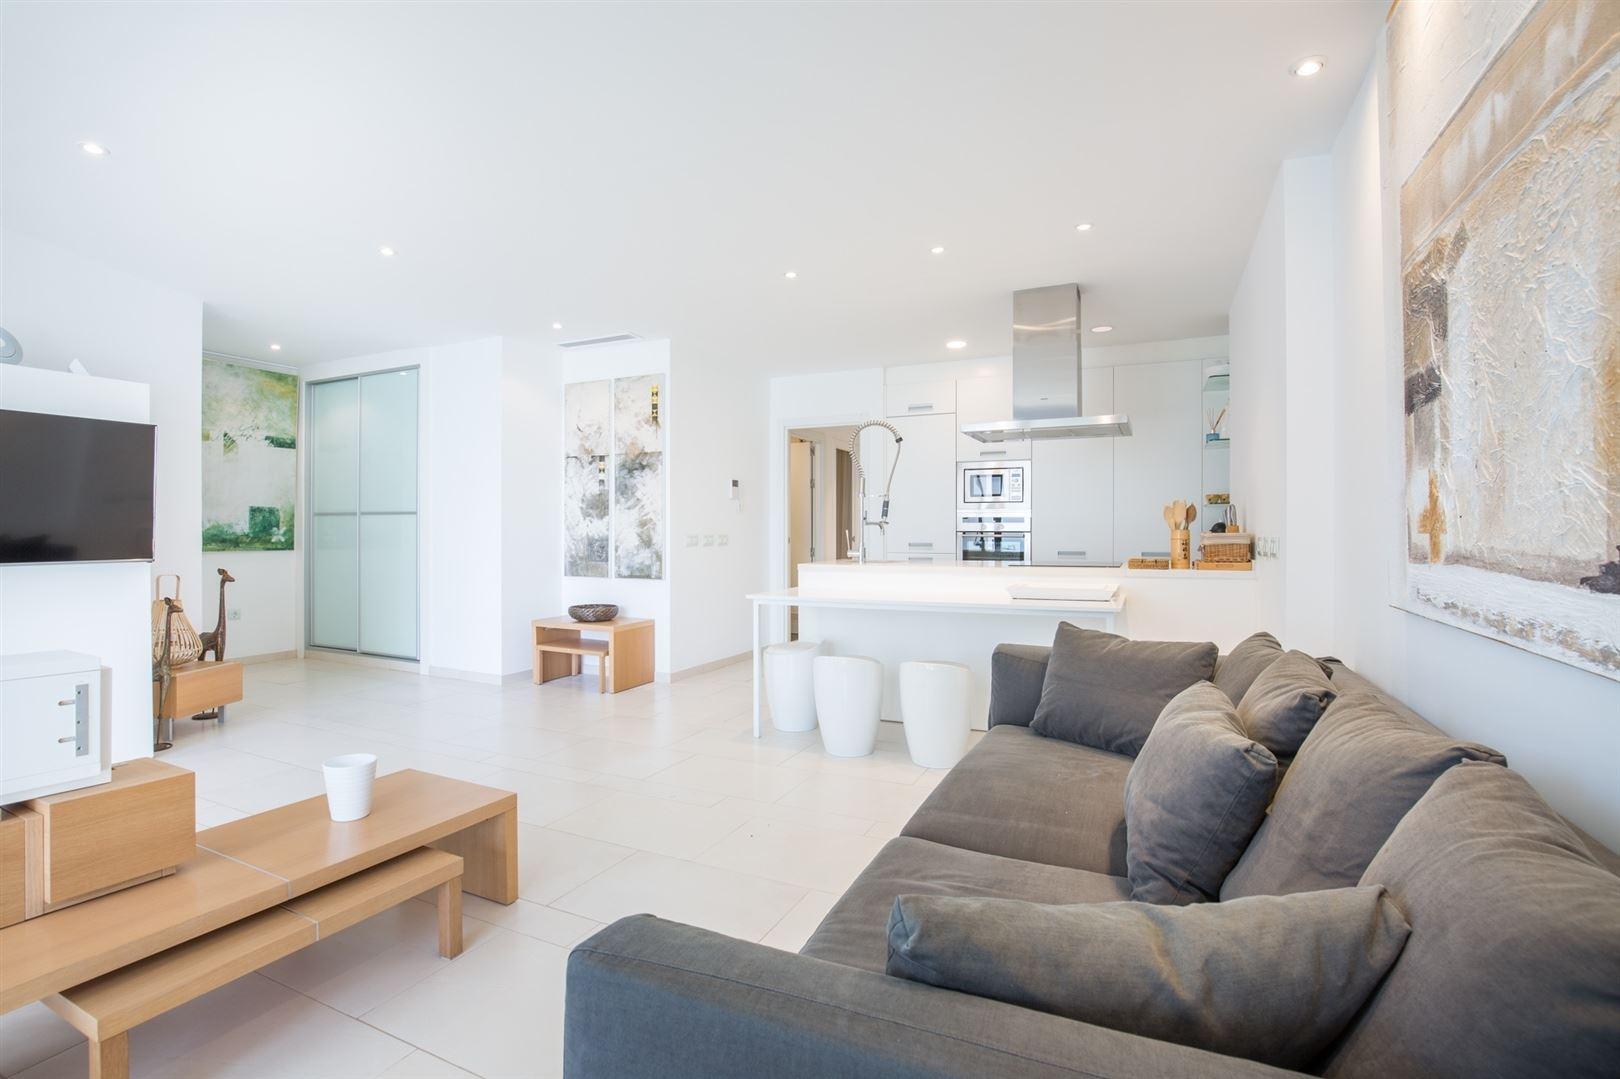 Foto 2 : Appartement te 38632 PALM MAR (Spanje) - Prijs € 325.000